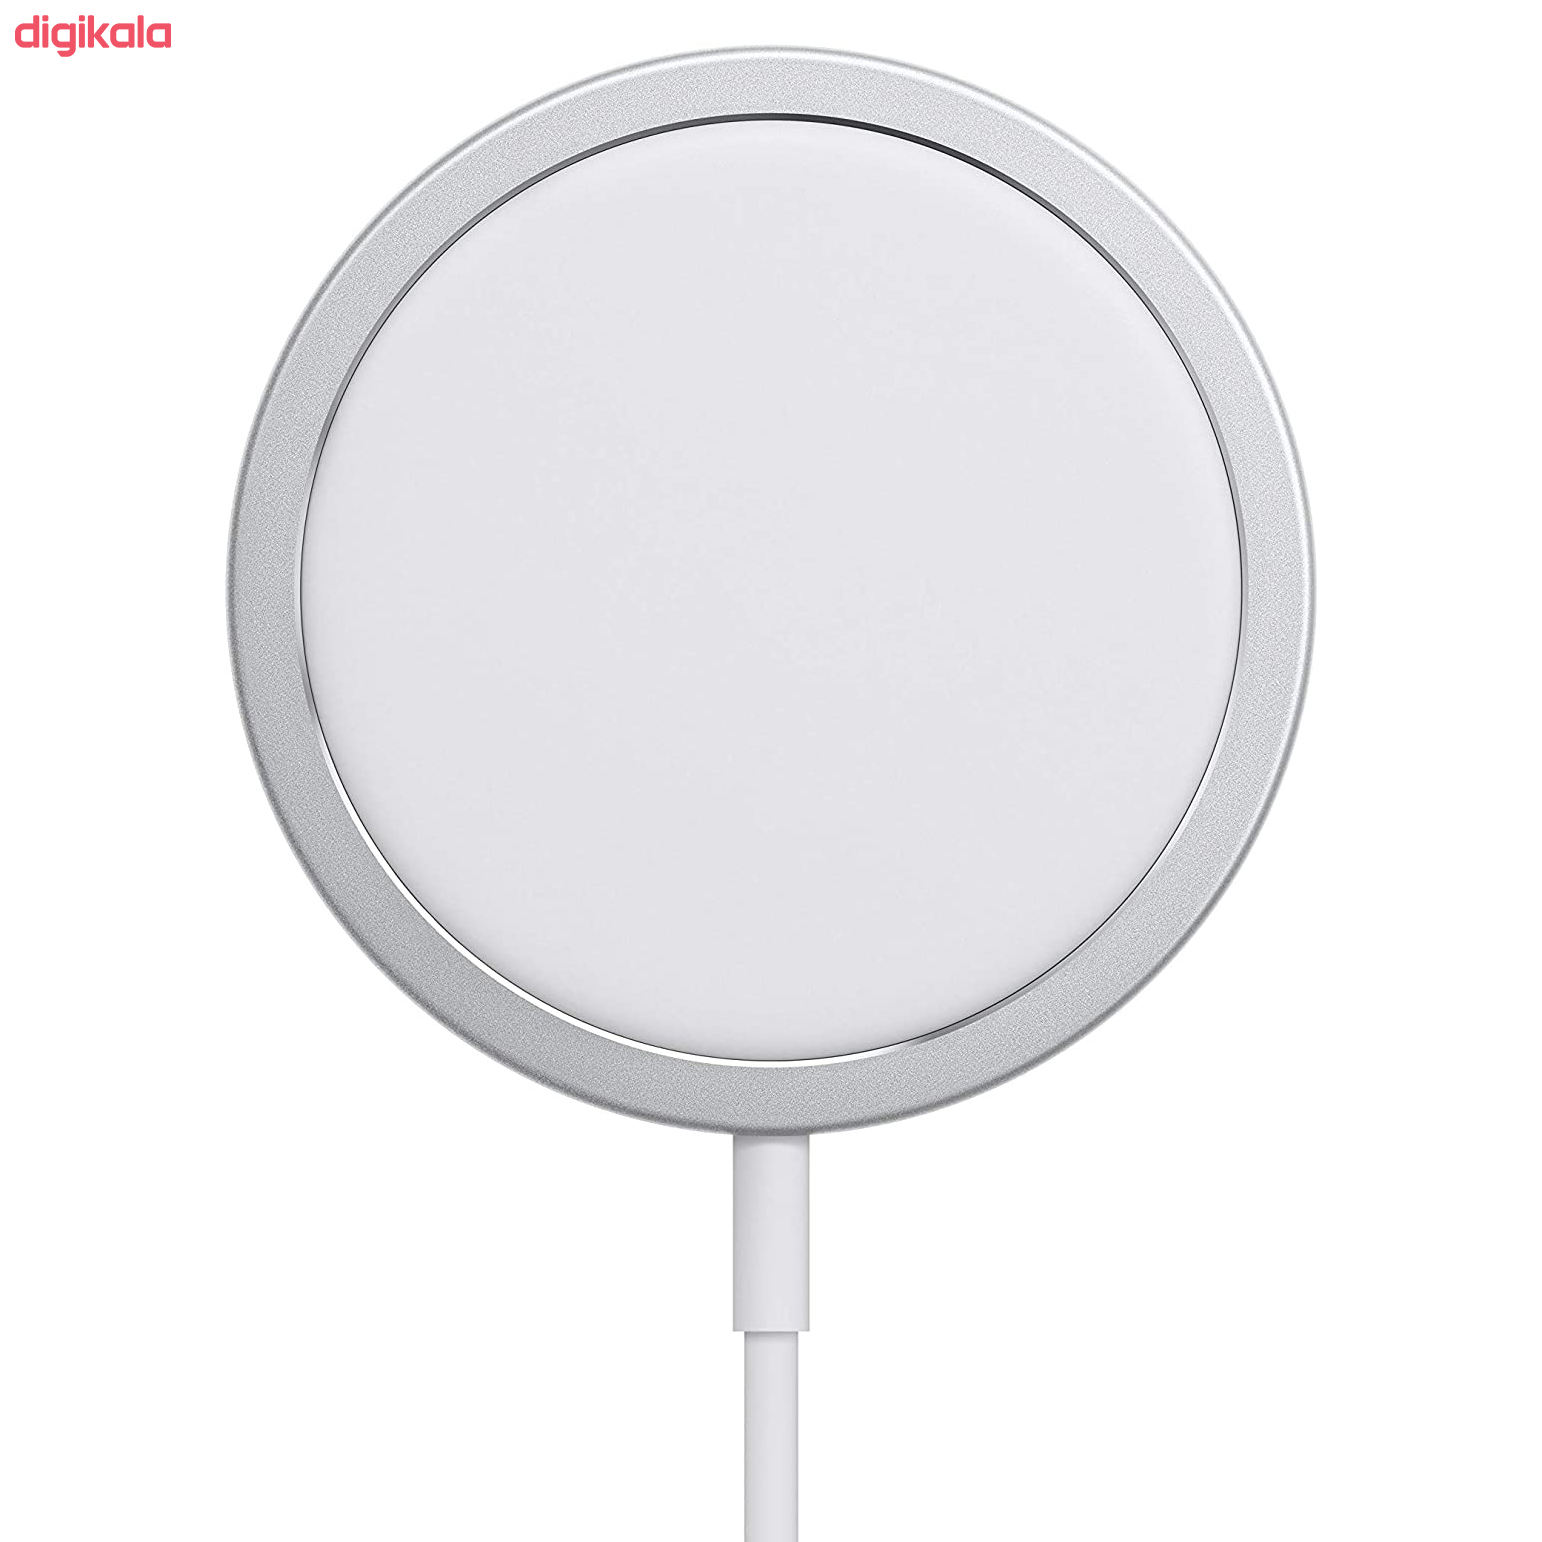 شارژر بی سیم اپل مدل MagSafe  main 1 1